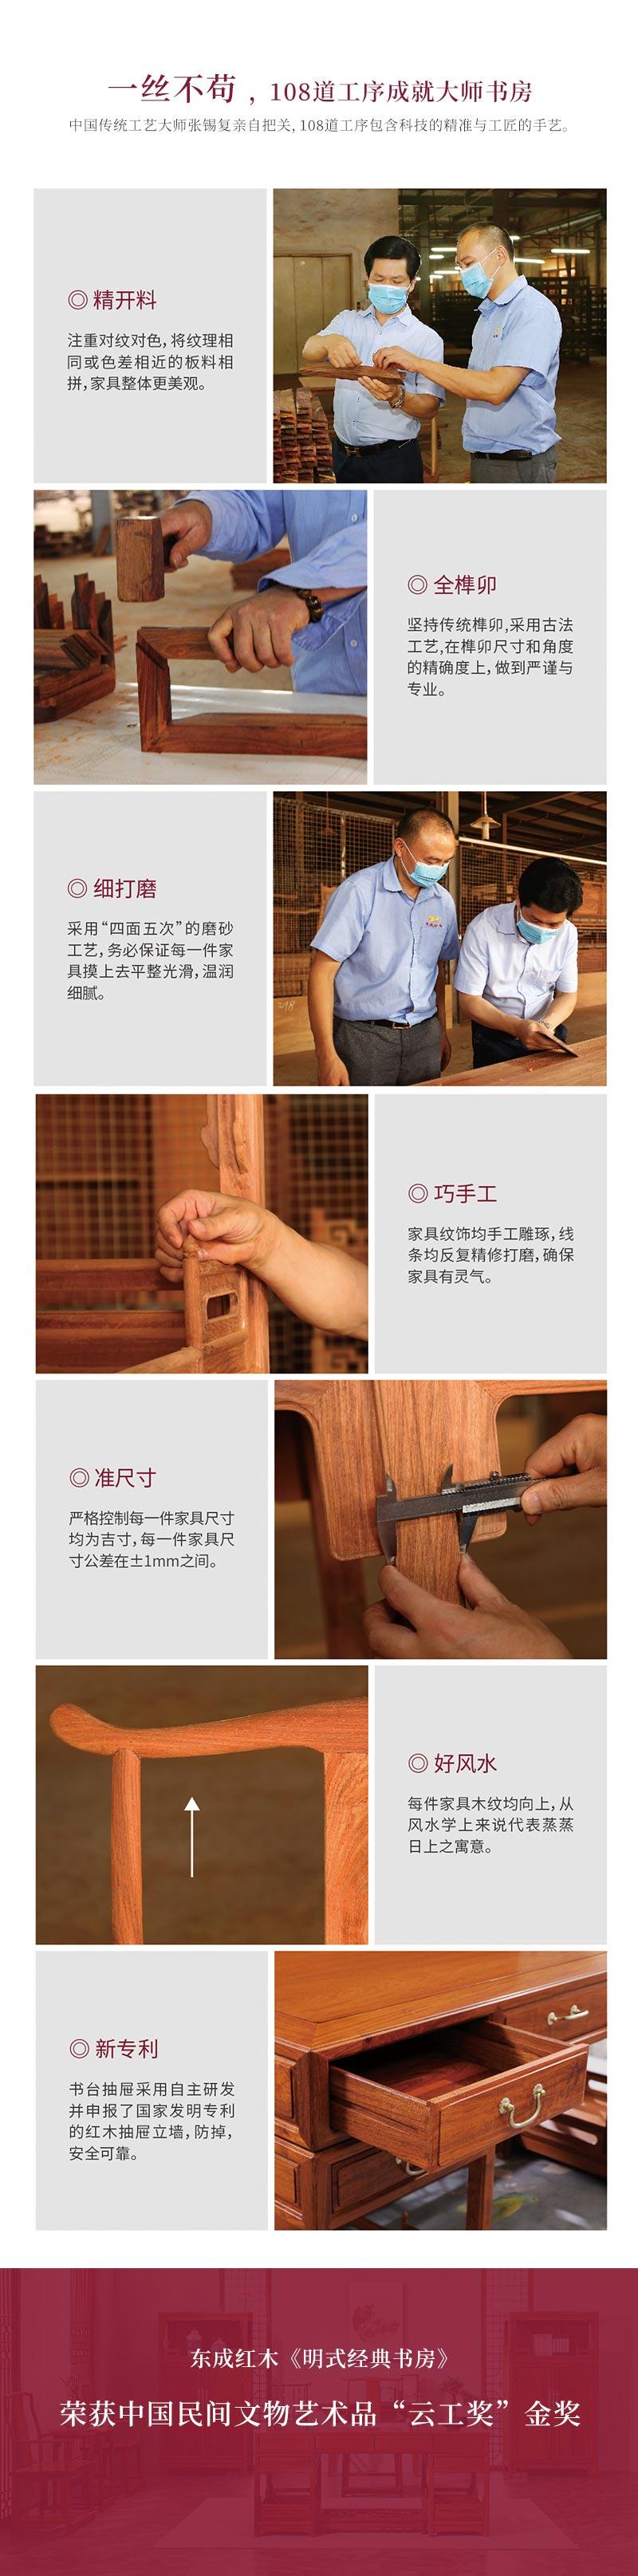 大师书房--详情页-5.jpg